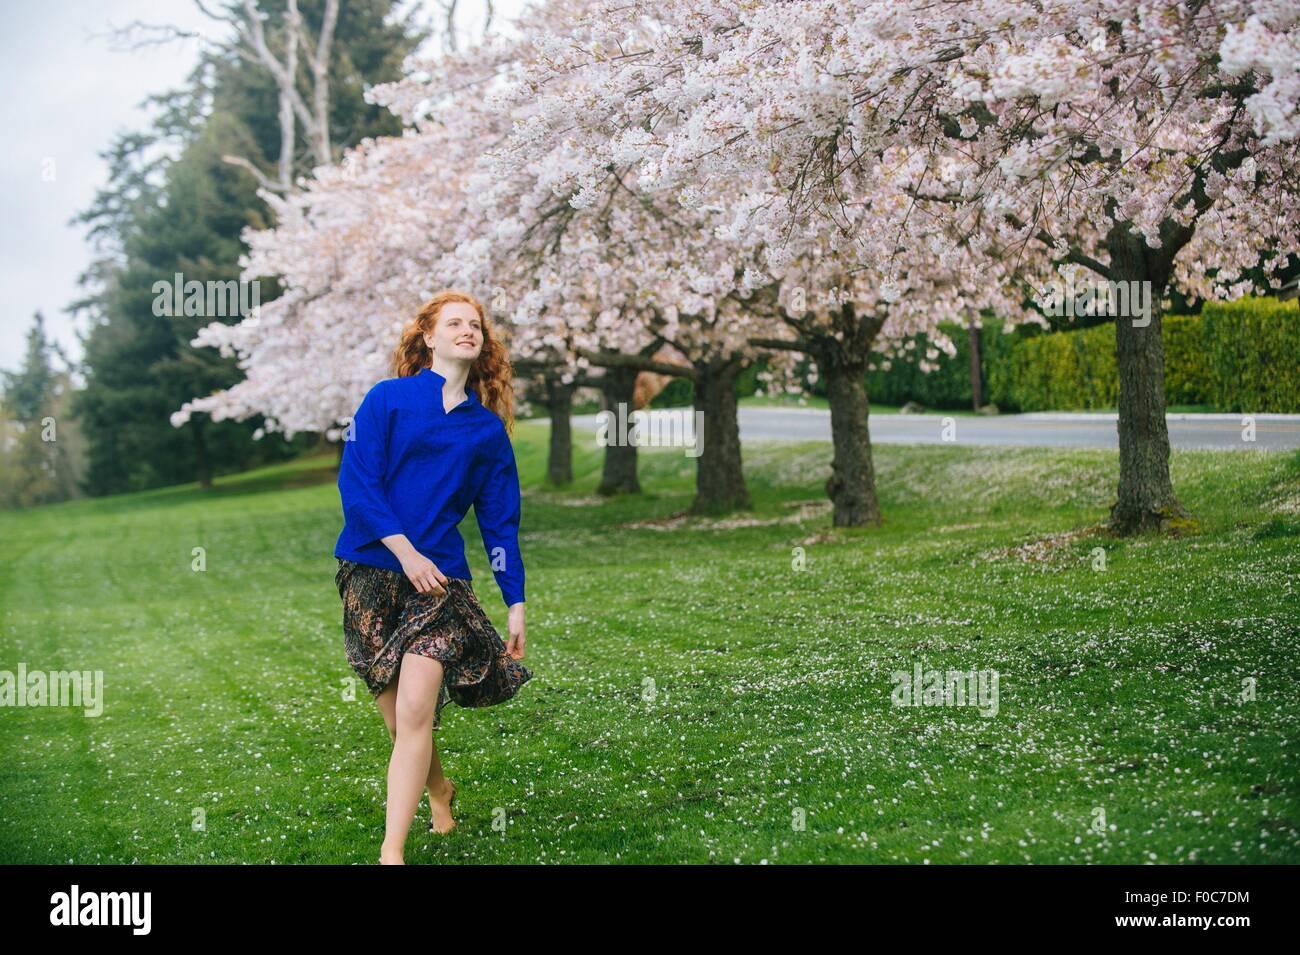 Mujer joven bailar descalzo en primavera park Foto de stock